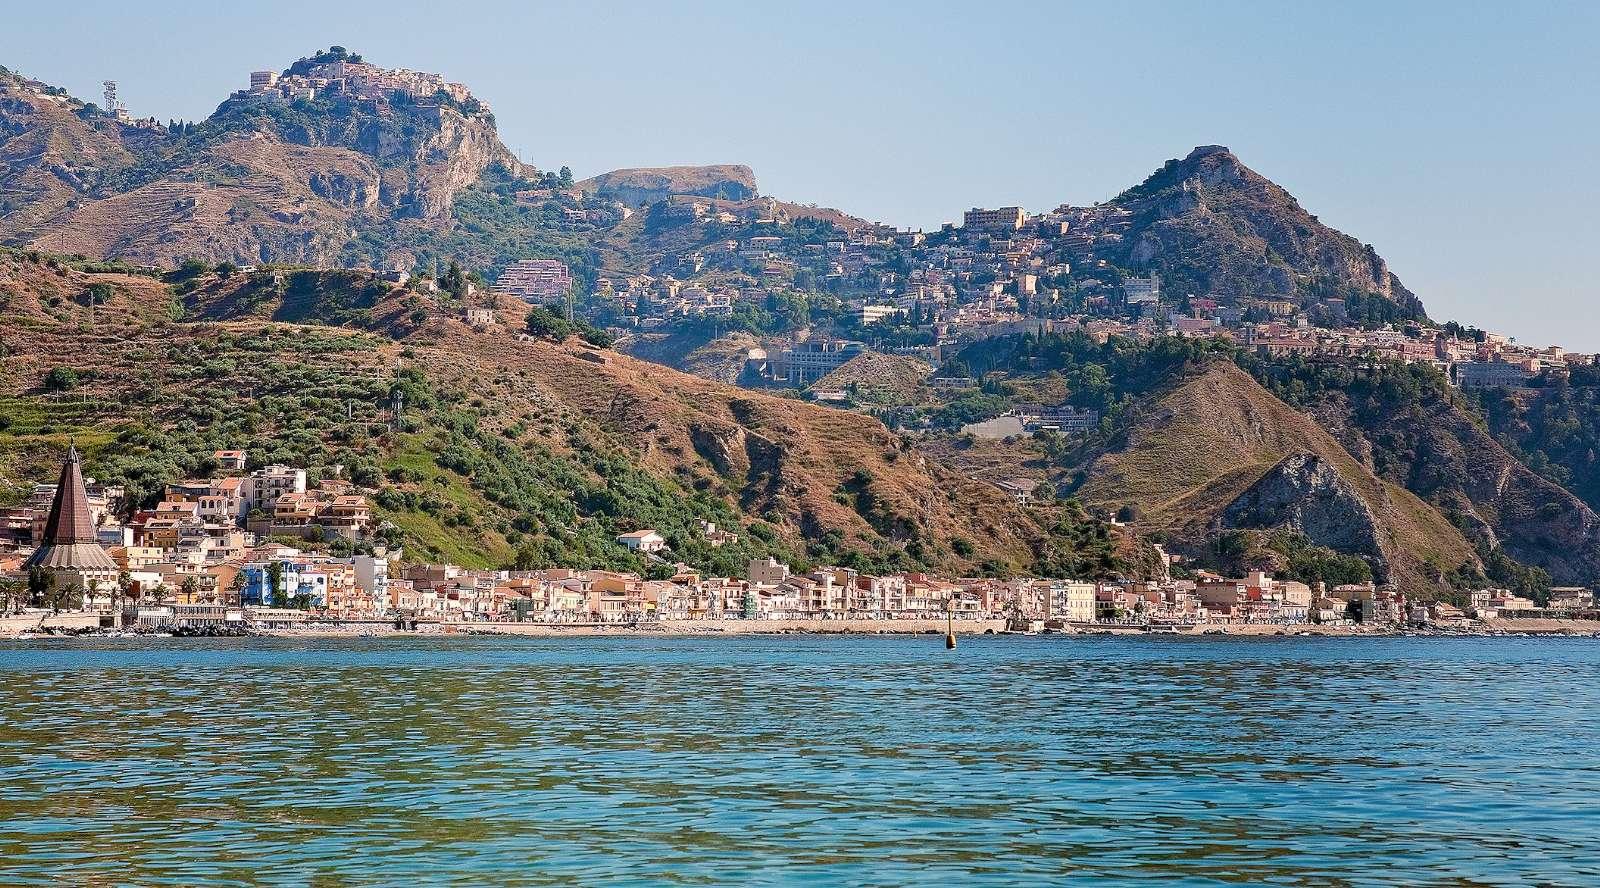 Giardini Naxos mit Taormina und Castelmola im Hintergrund